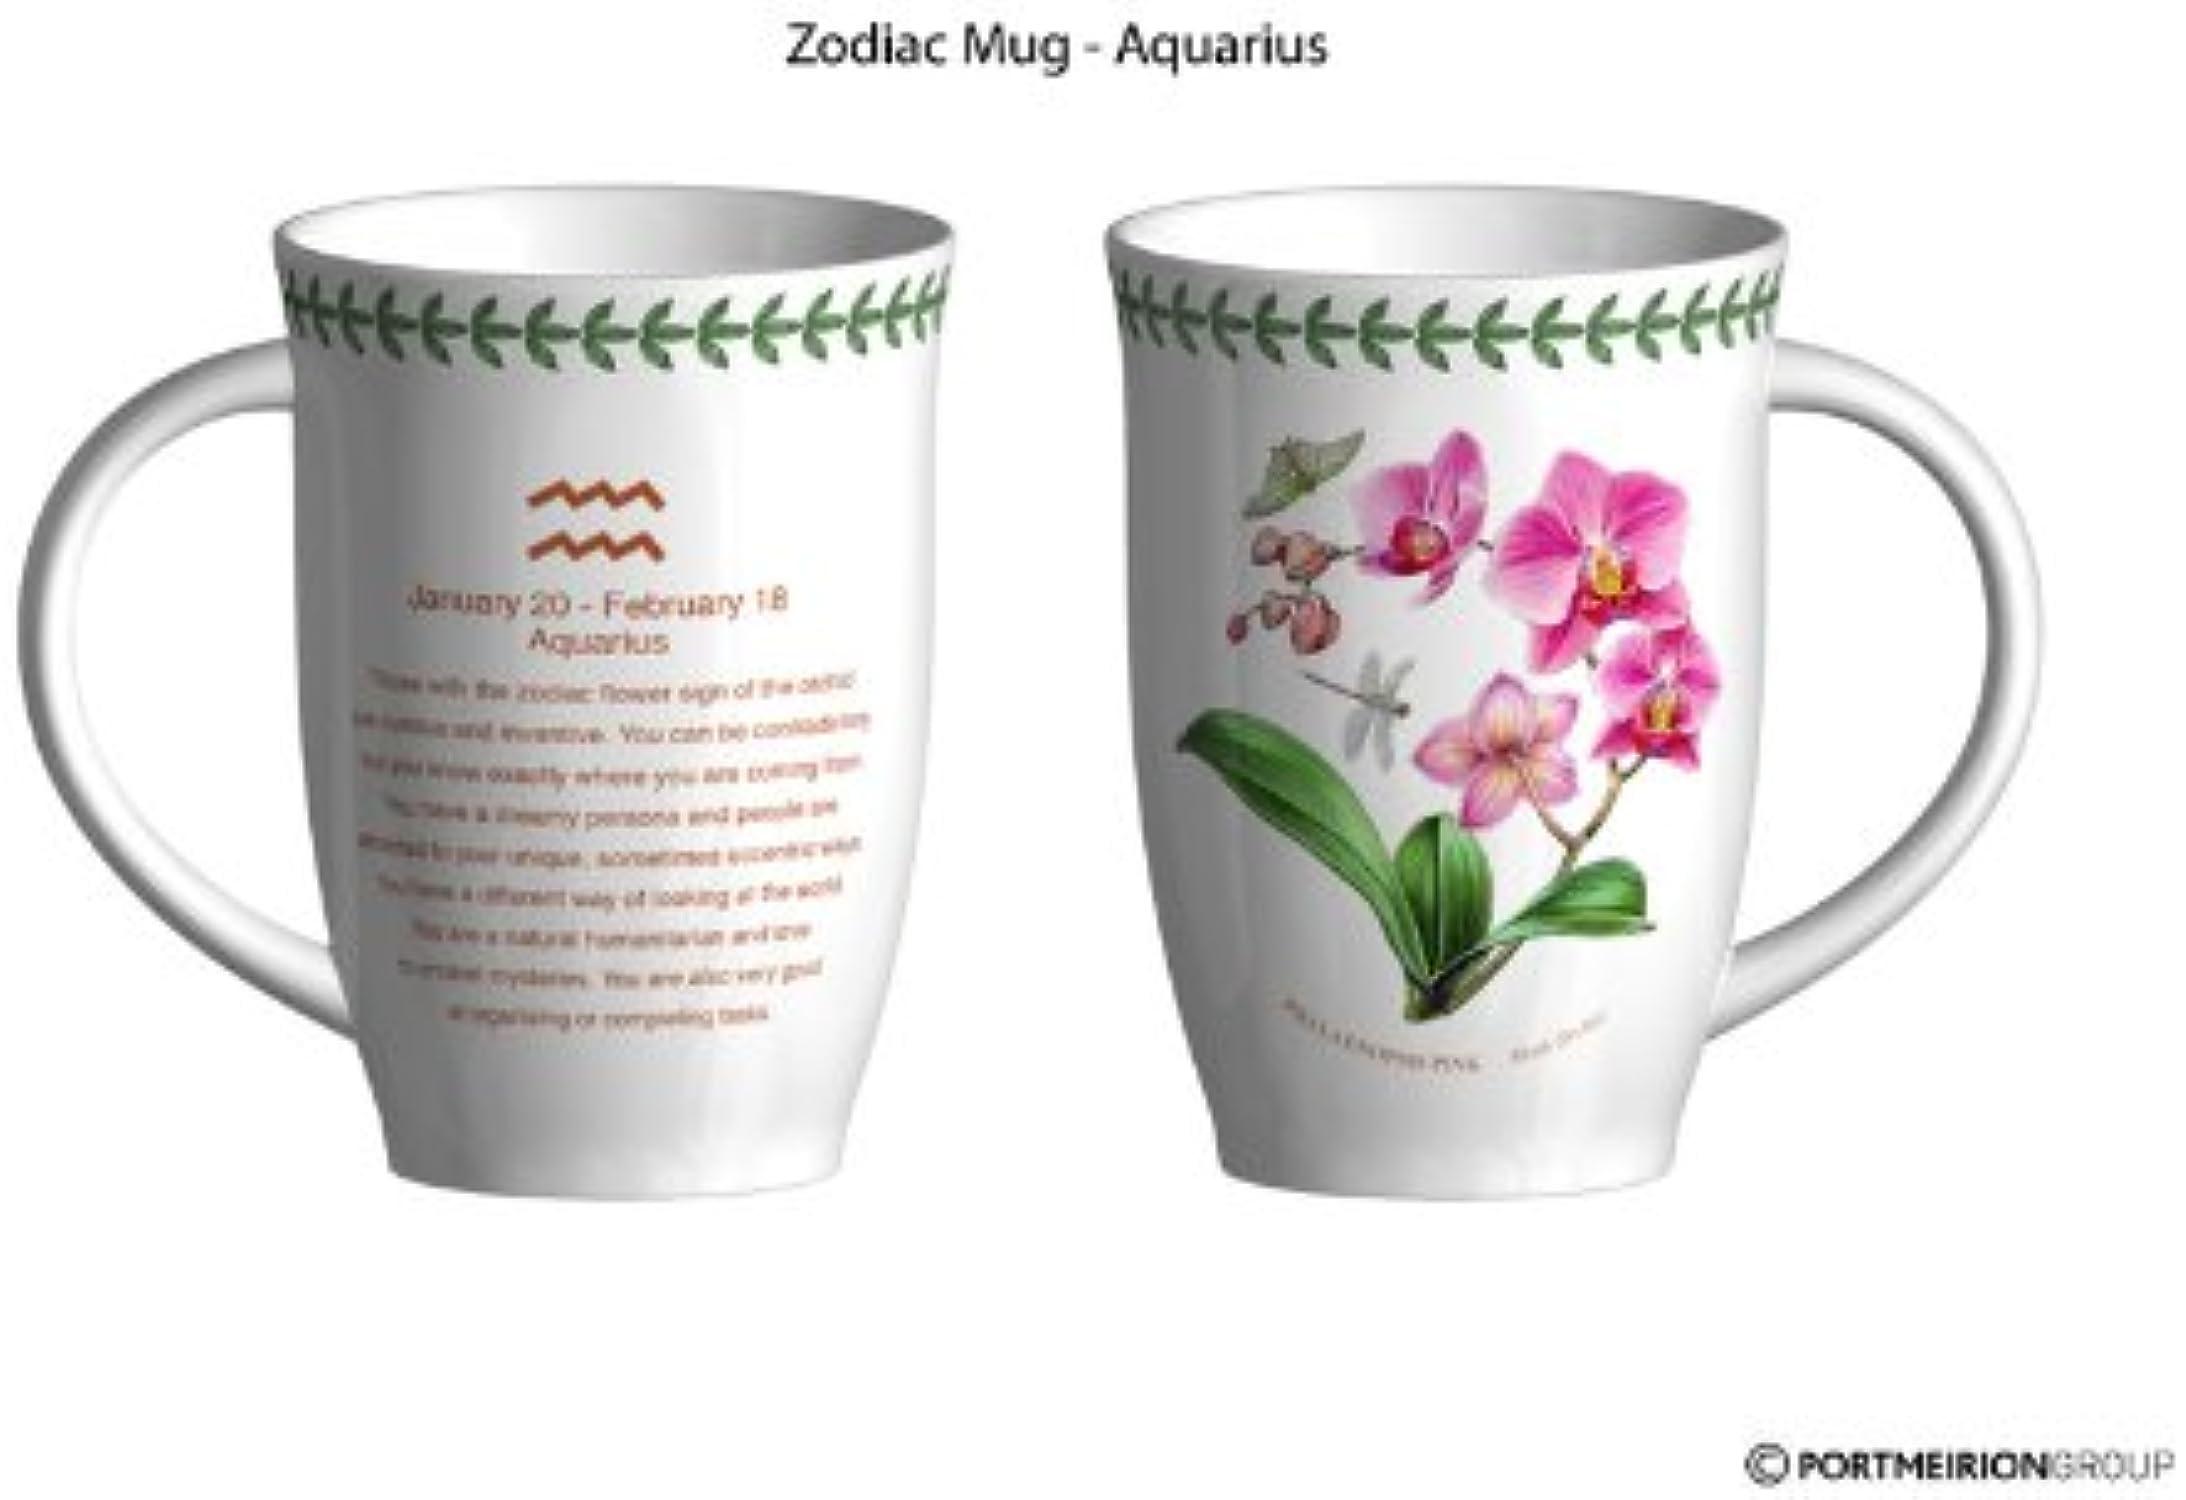 Portmeirion Botanic Garden Zodiac Aquarius Mug 206 151 8492 by Portmeirion